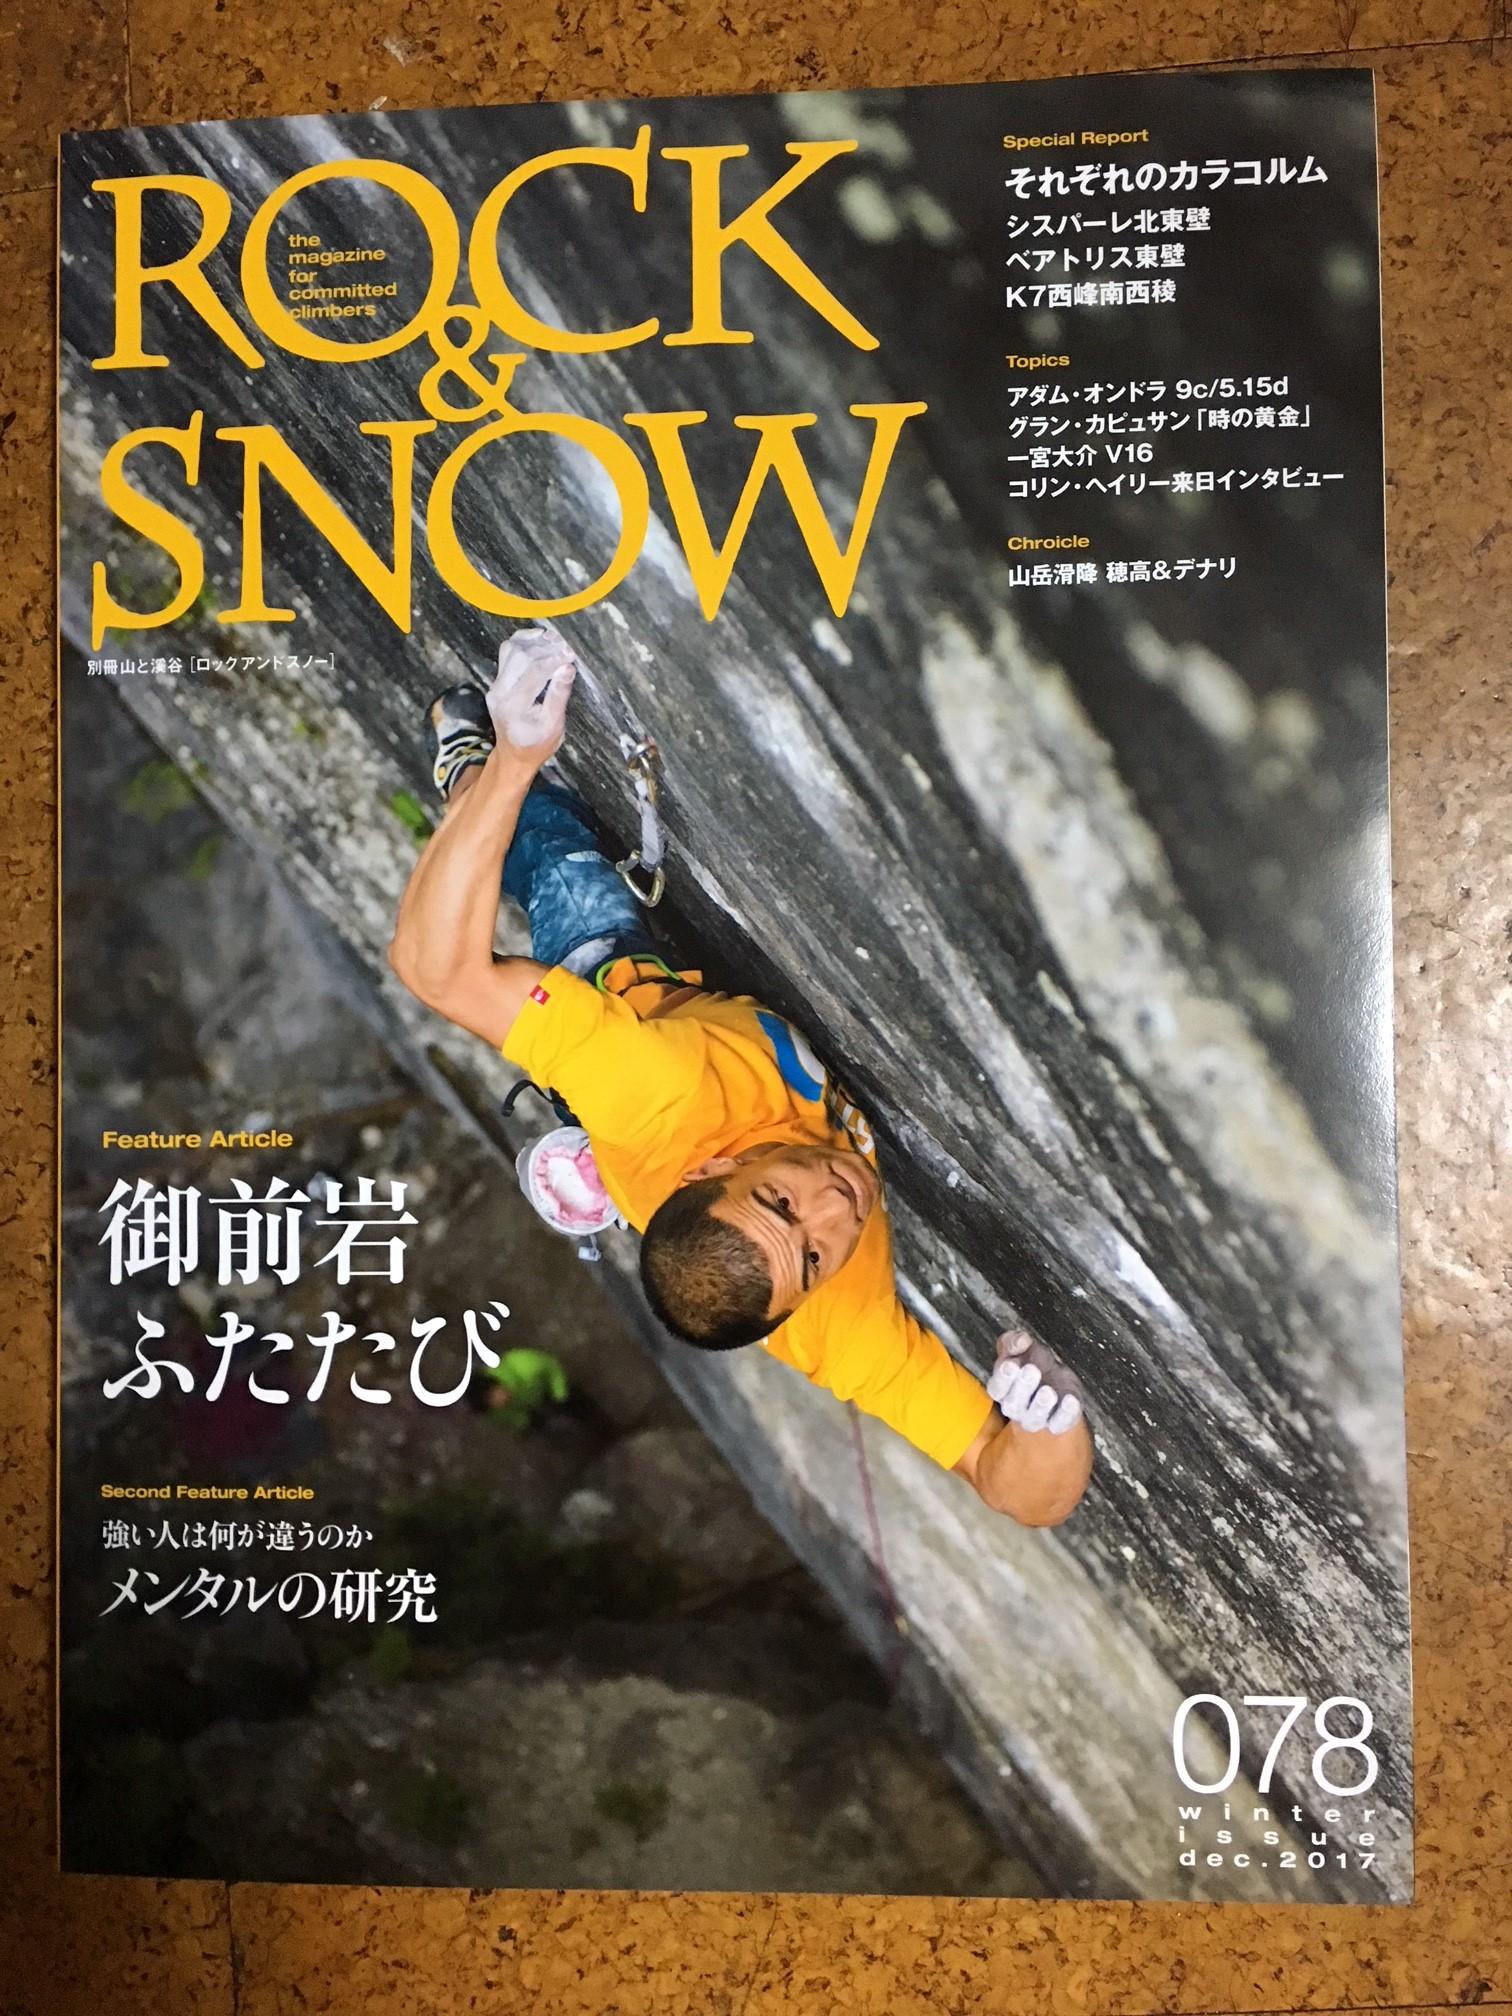 『Rock & Snow 078』の宣伝&個人的見どころ&補足として「リードとボルダーの相関」